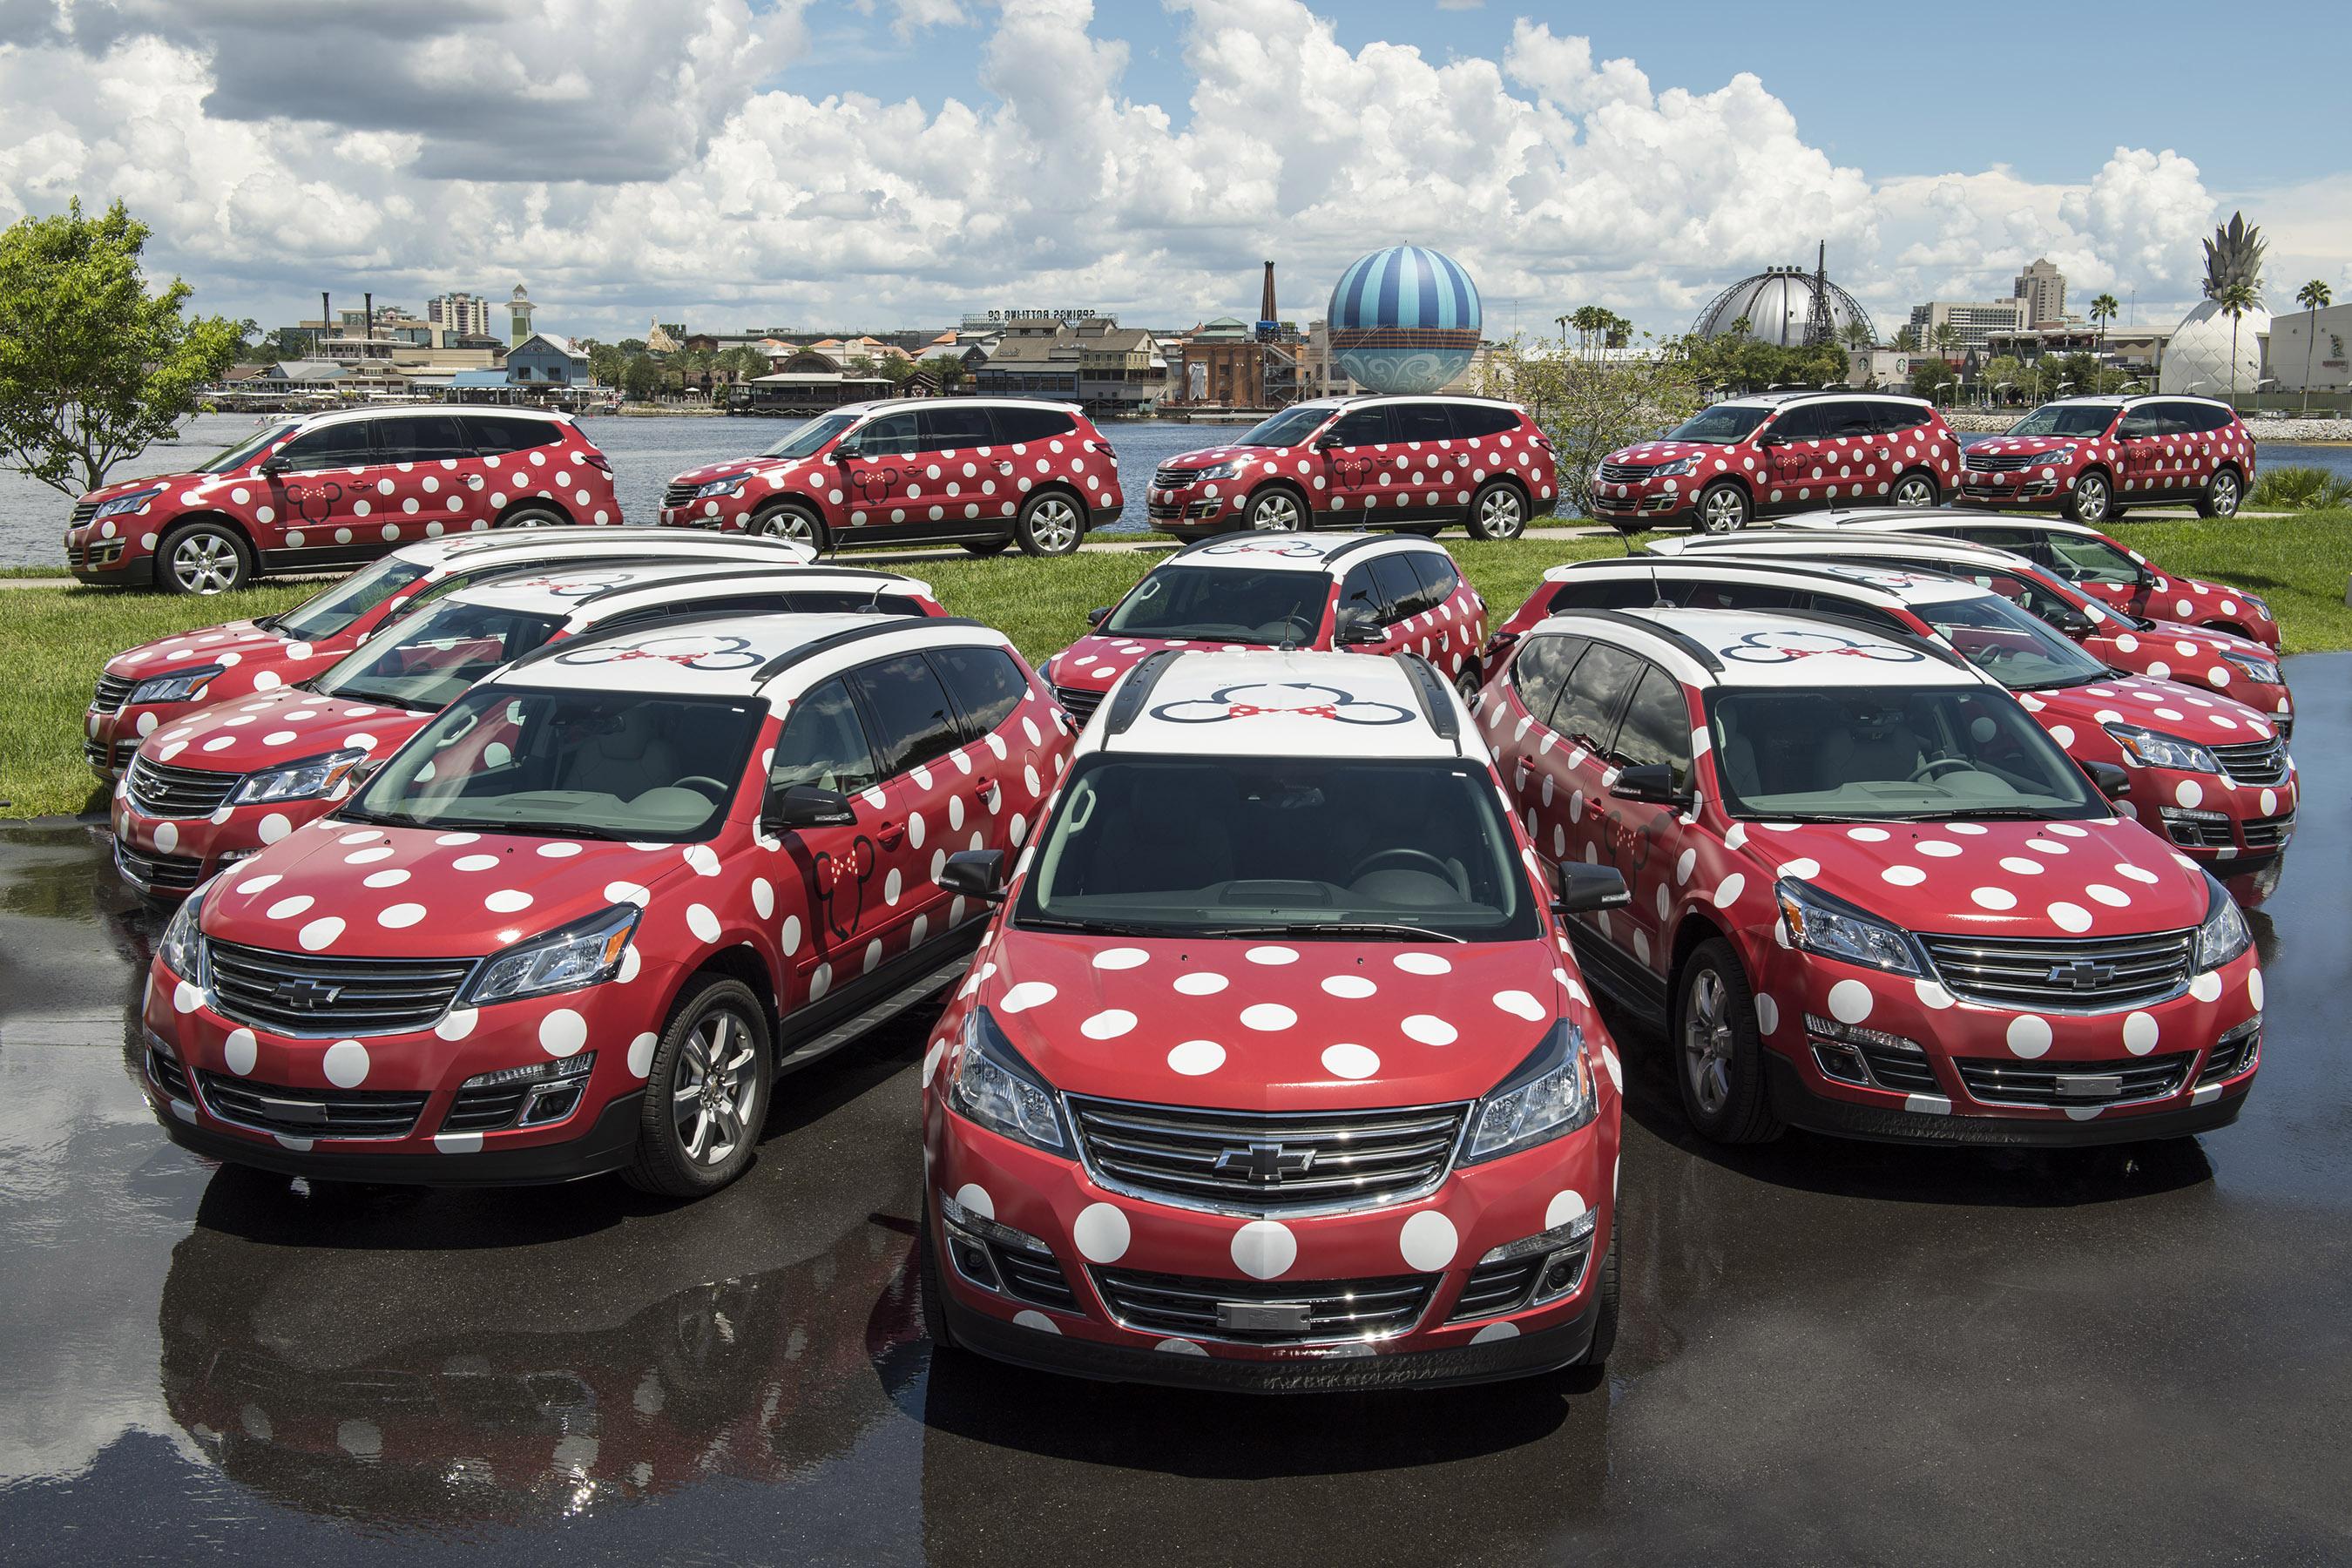 Walt Disney World Resorts Minnie Van